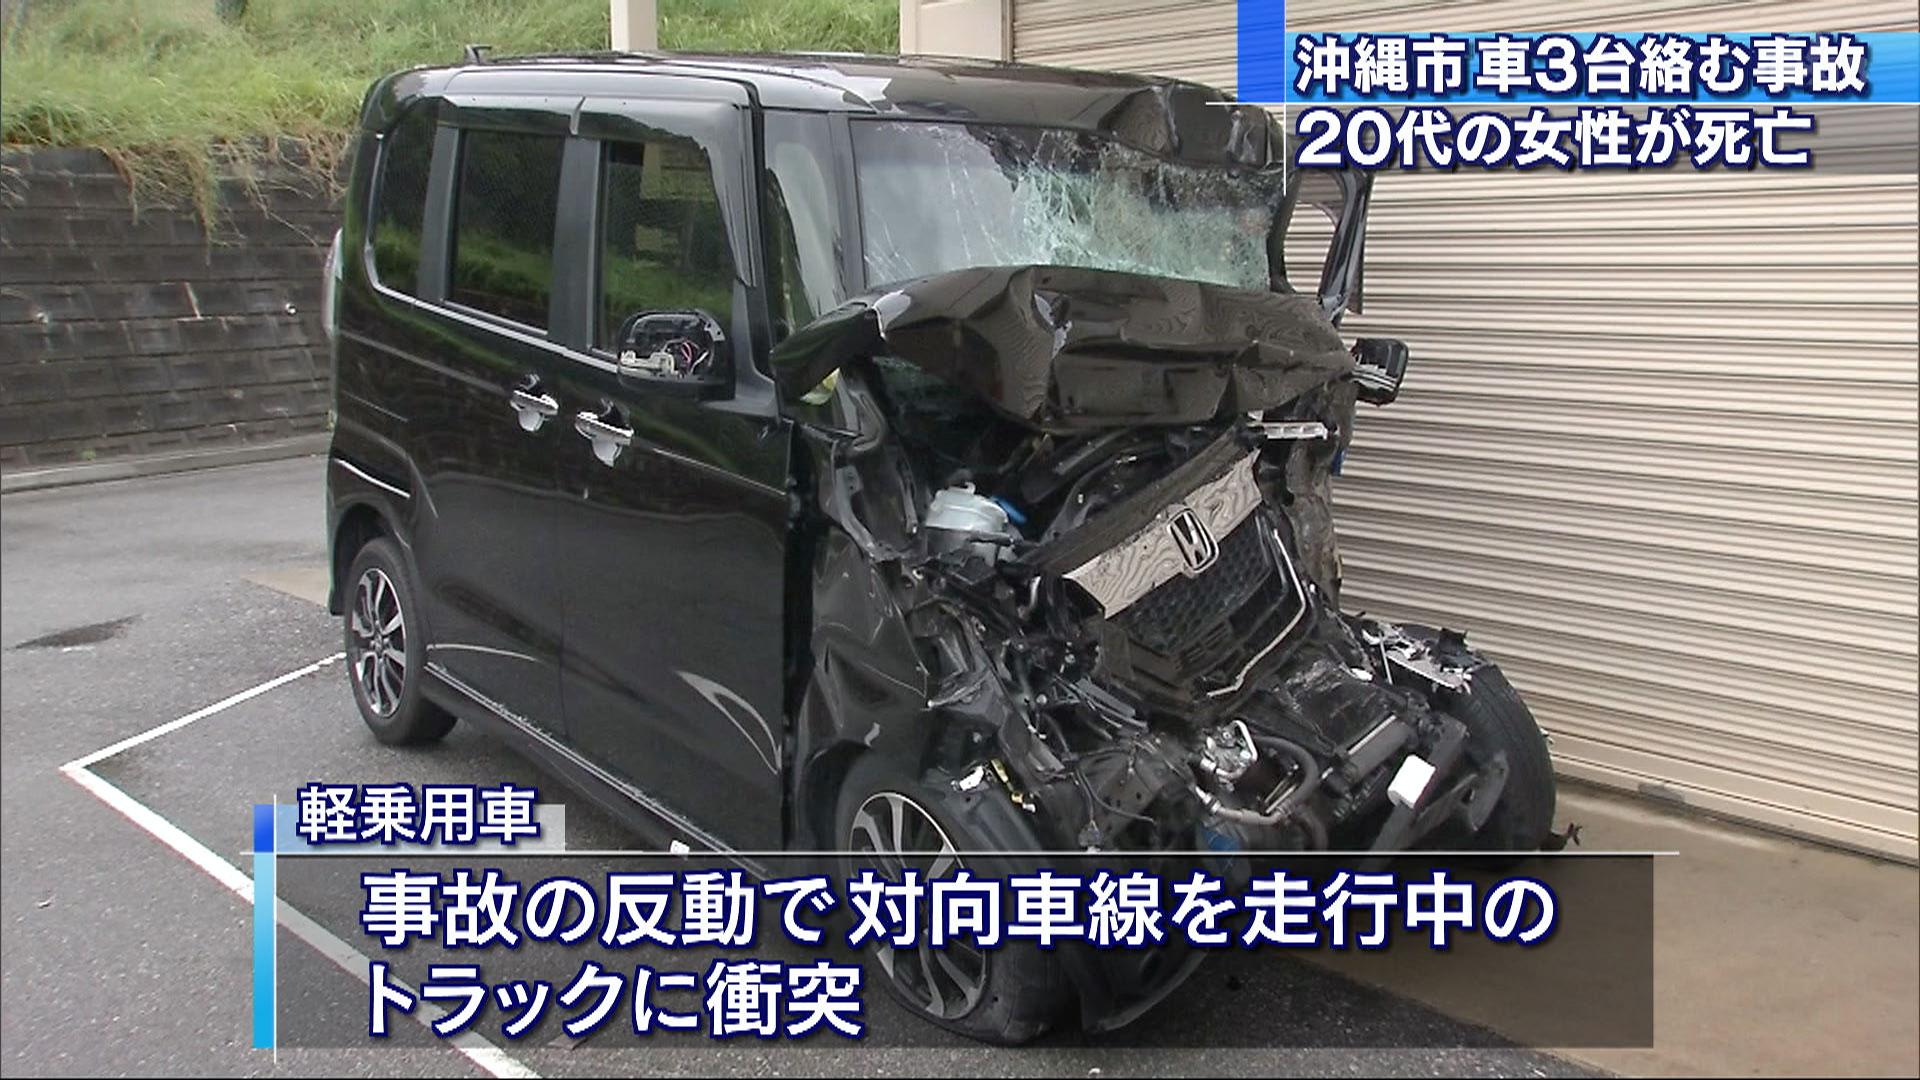 沖縄市で車3台がからむ事故 女性1人が死亡